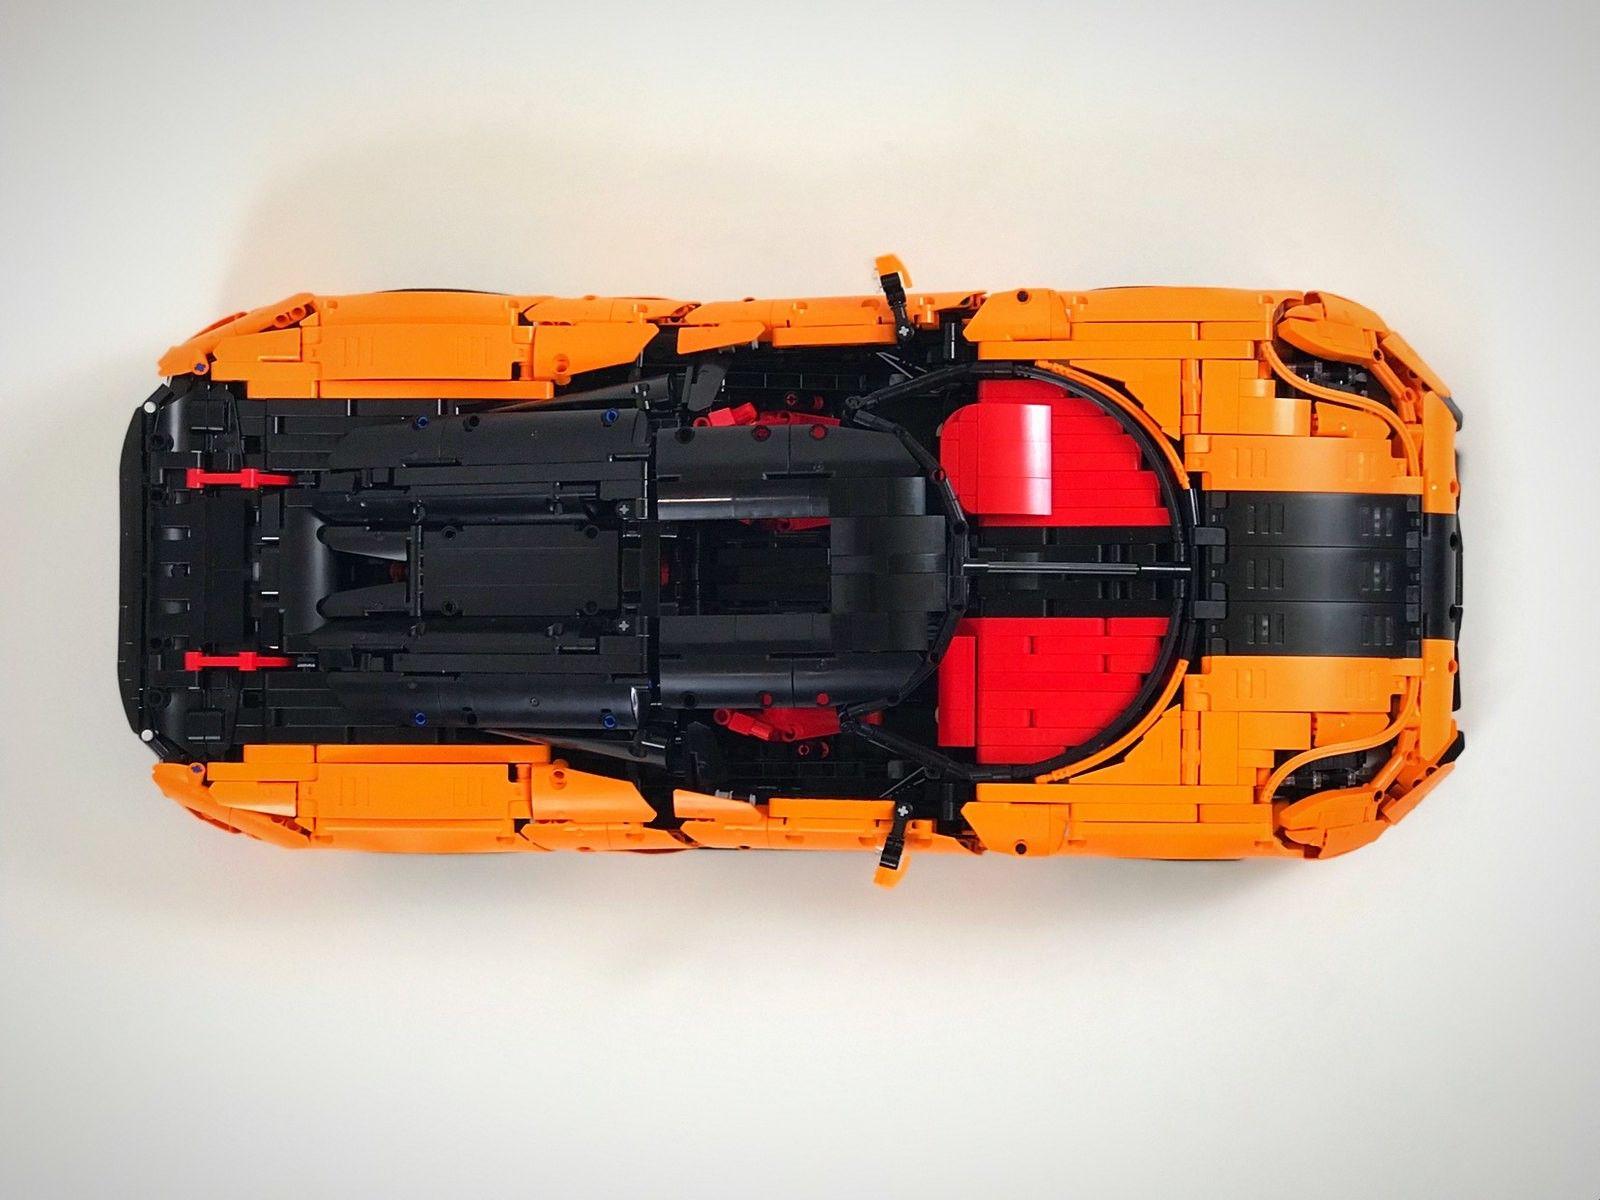 Pin by Jesse Jääskeläinen on Lego technic Lego cars